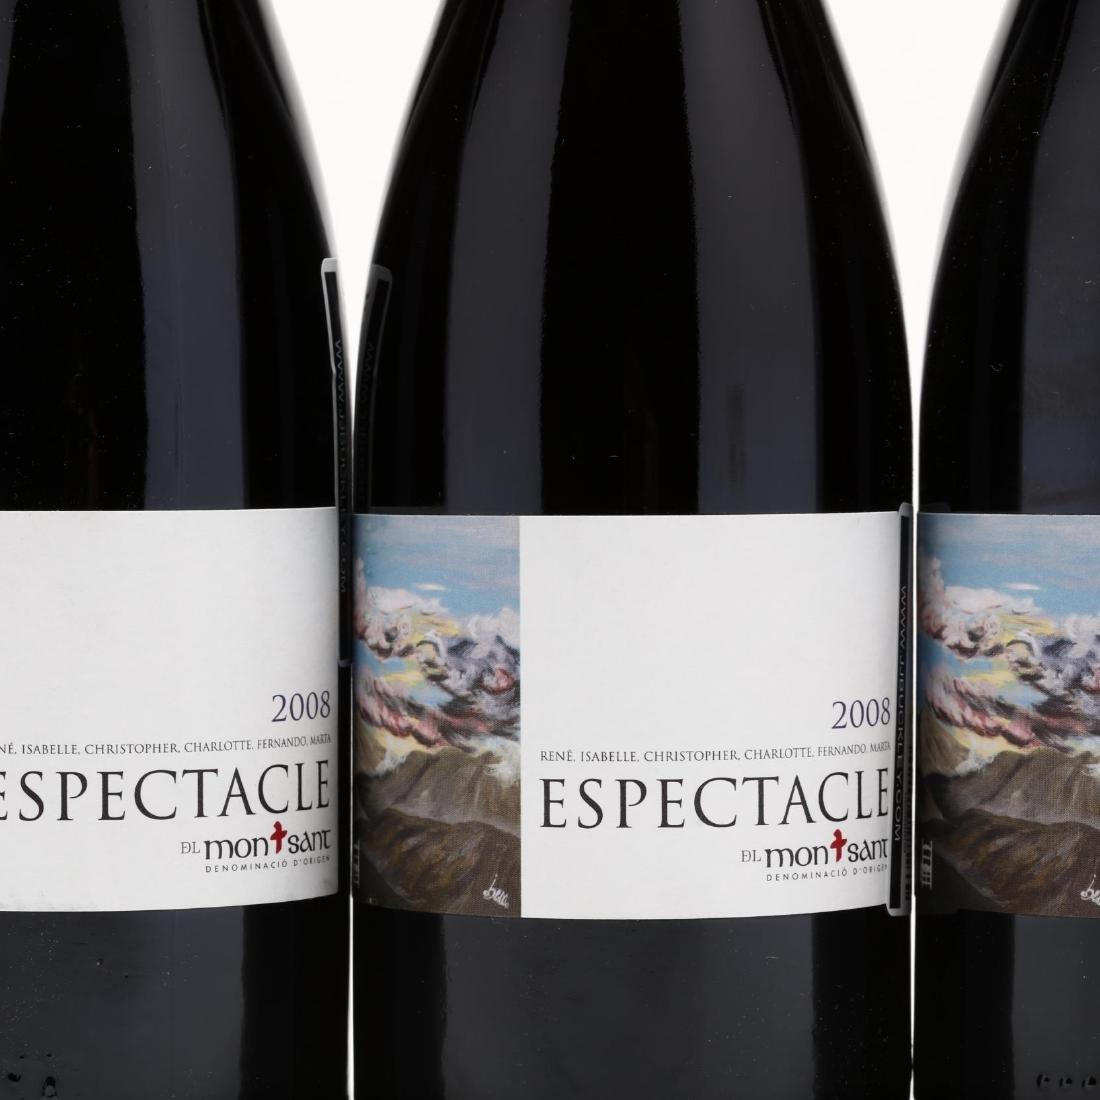 Espectacle - Vintage 2008 - 2